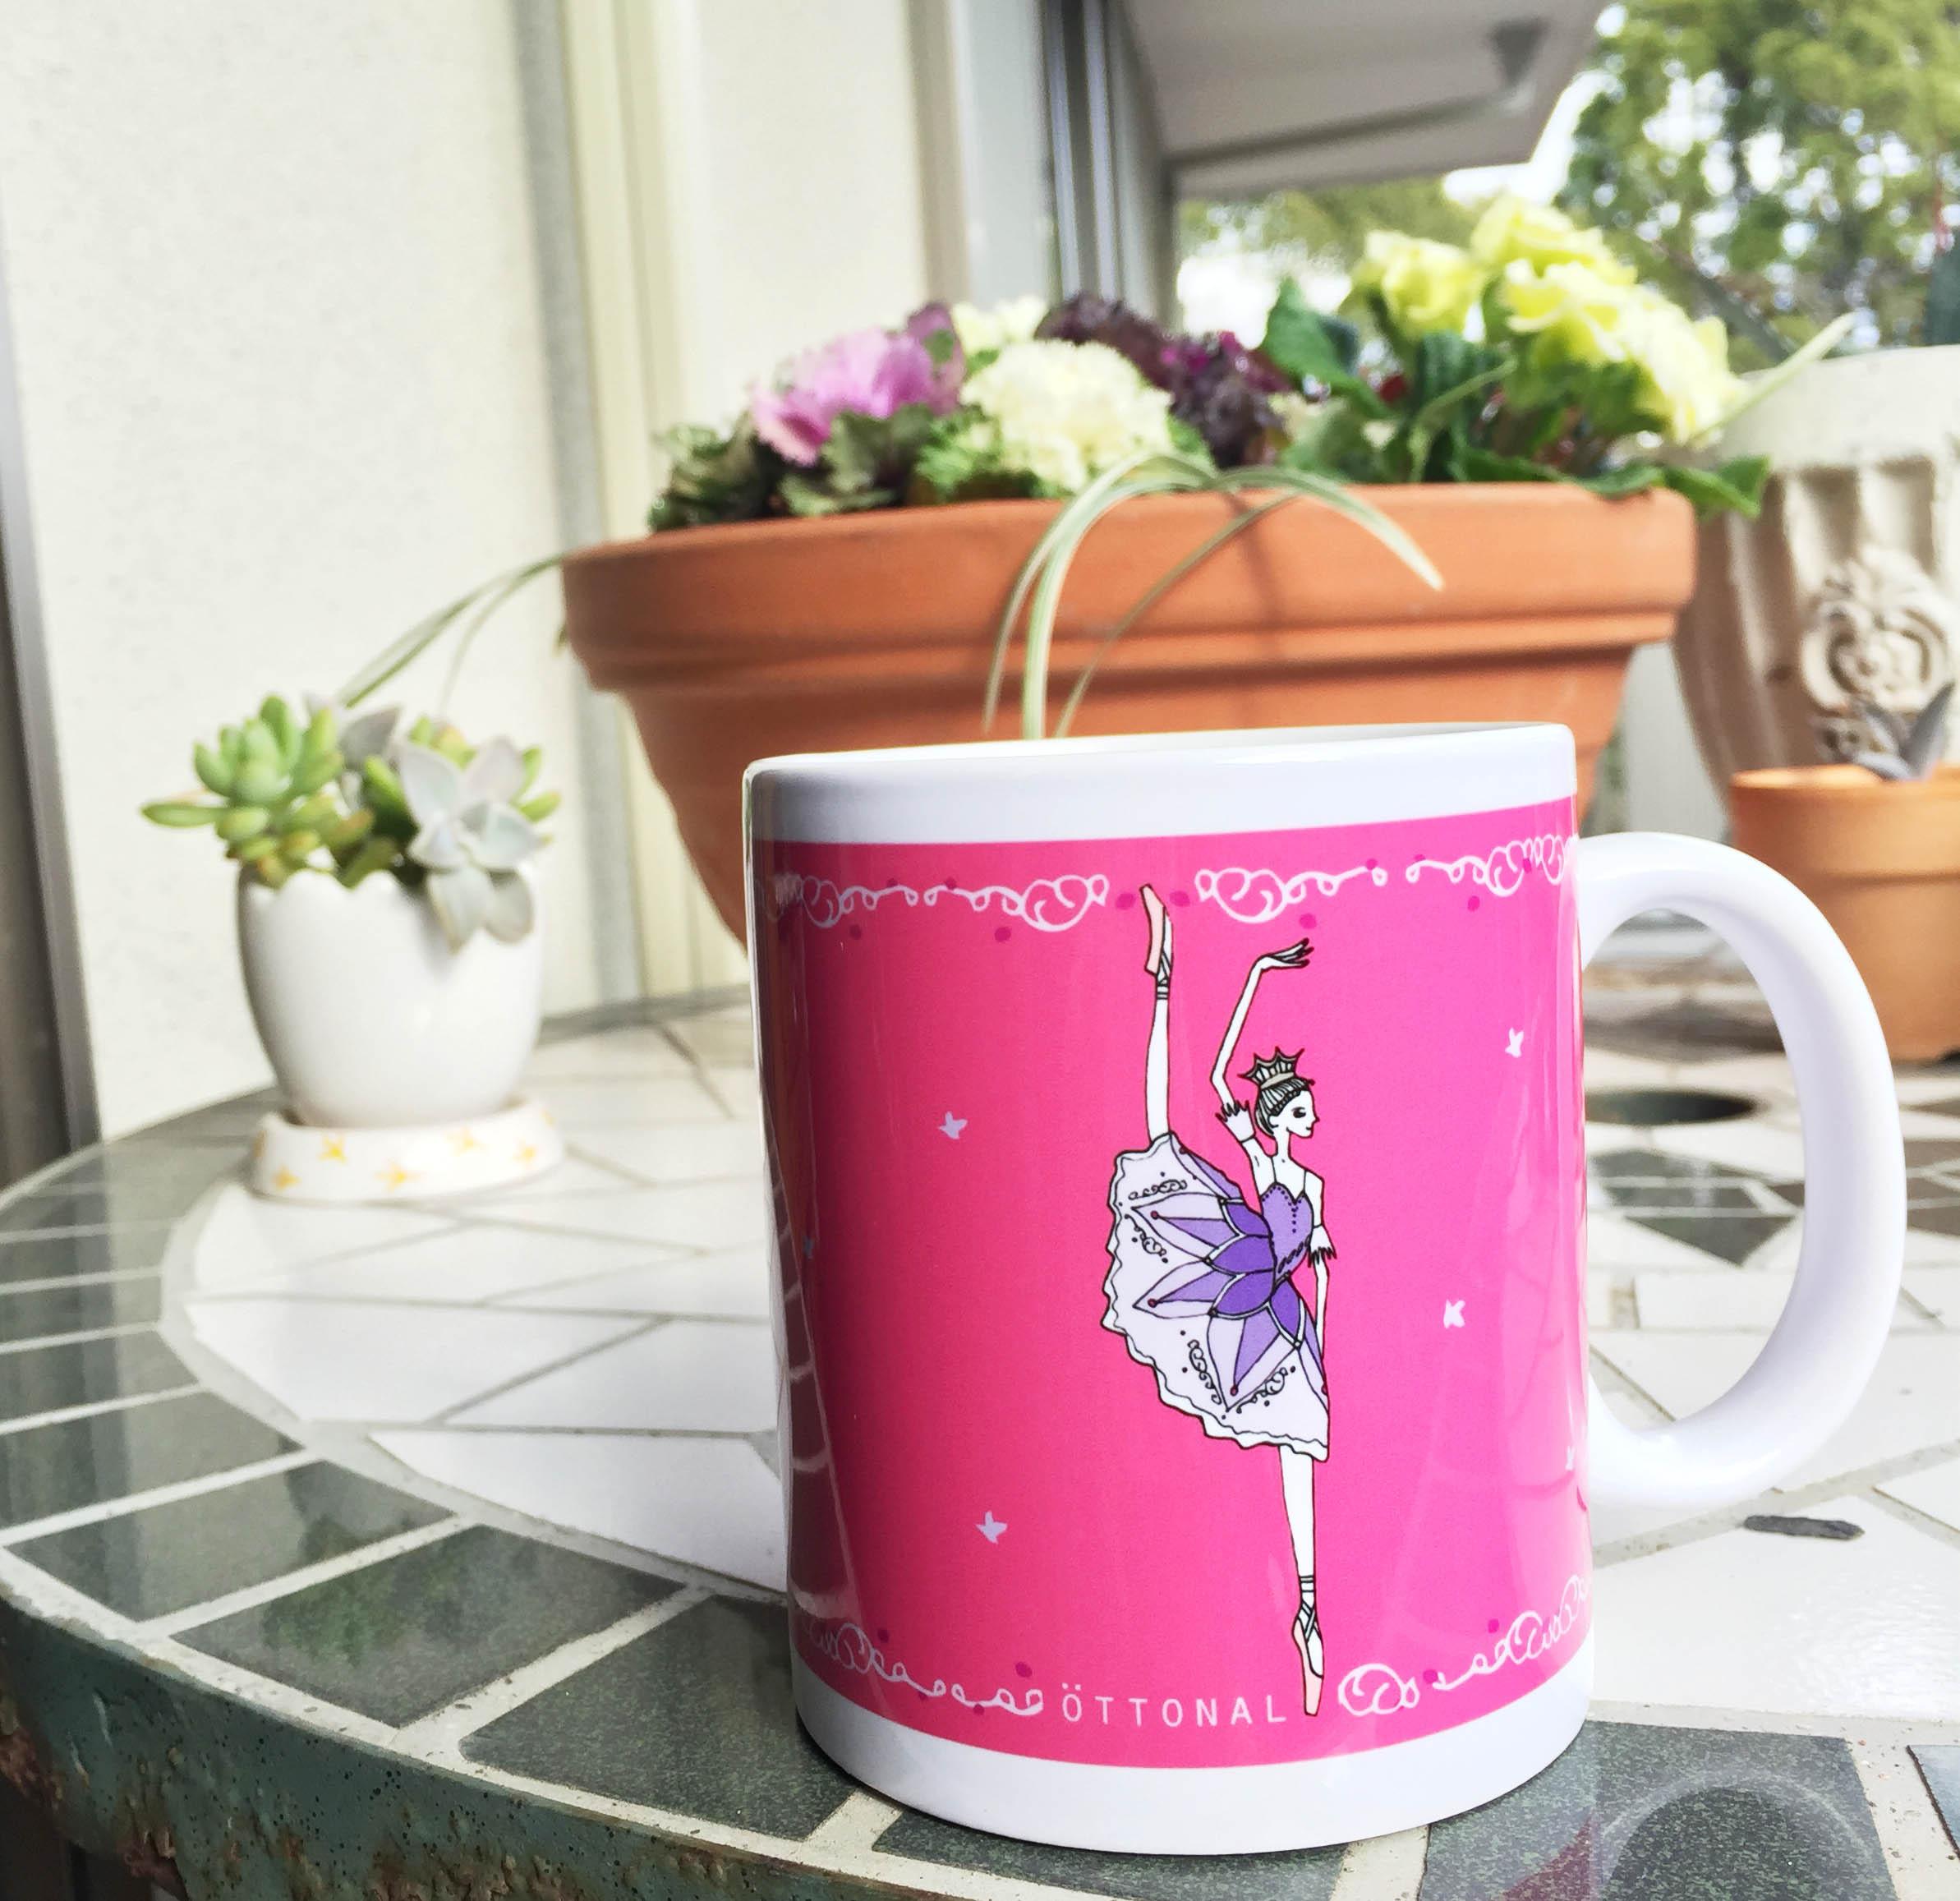 リラの精 マグカップ - 画像3